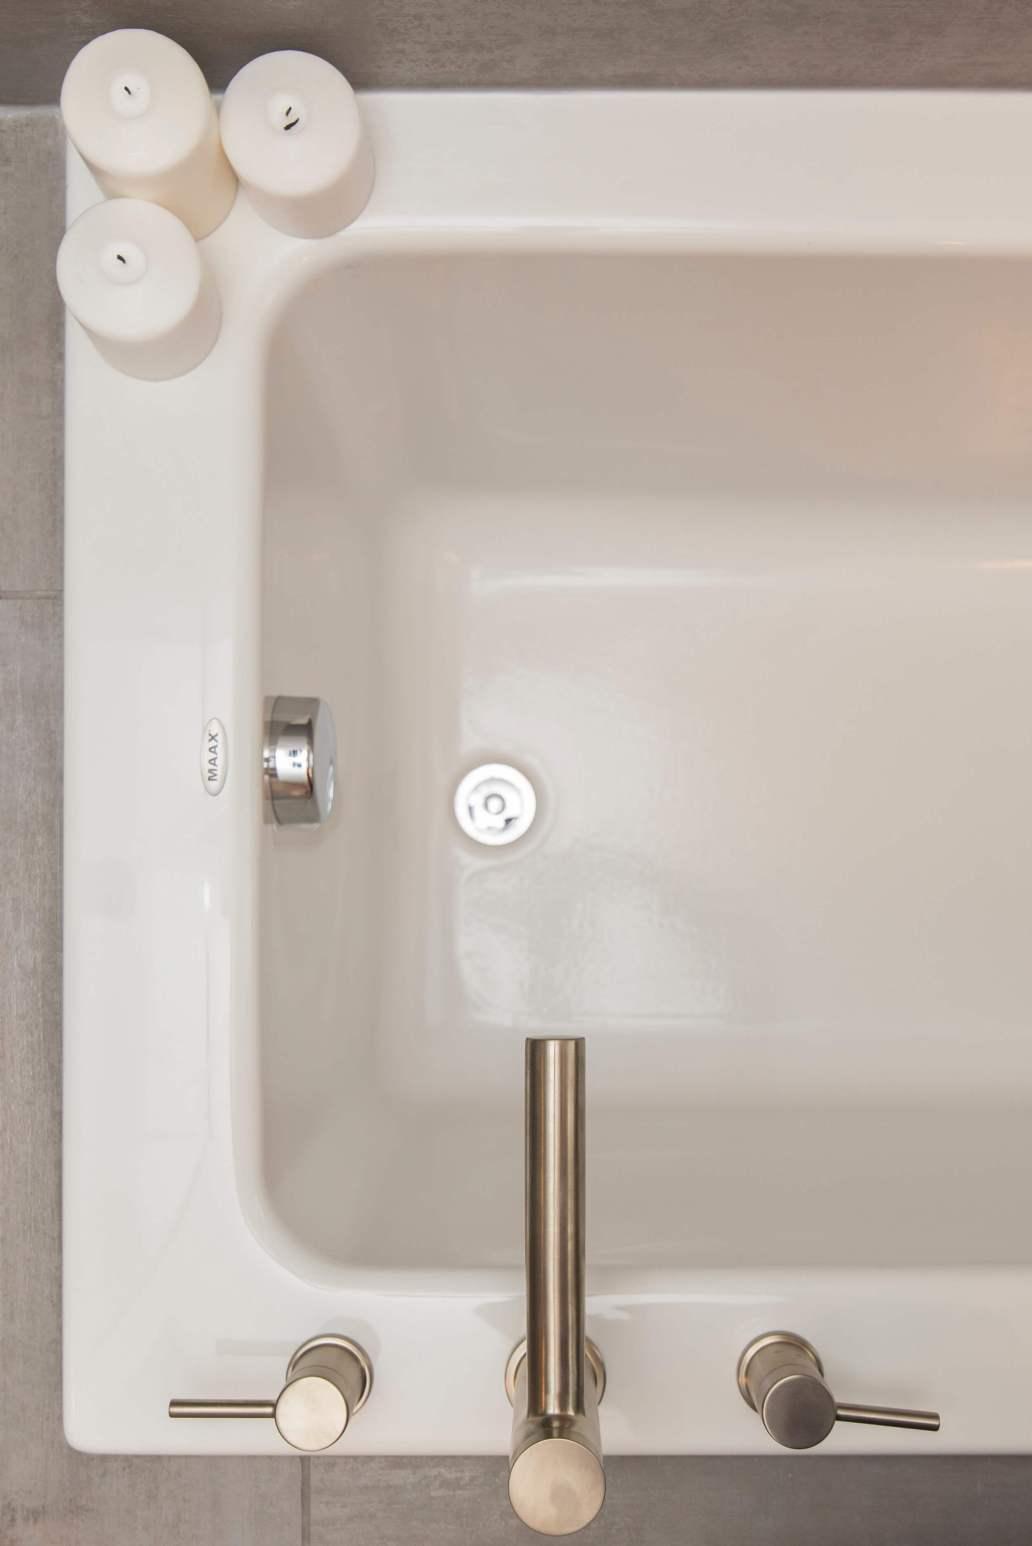 jose soriano wtxJbLVGMIE unsplash 2 1367x2048 - Quelle baignoire pour une grande salle de bains